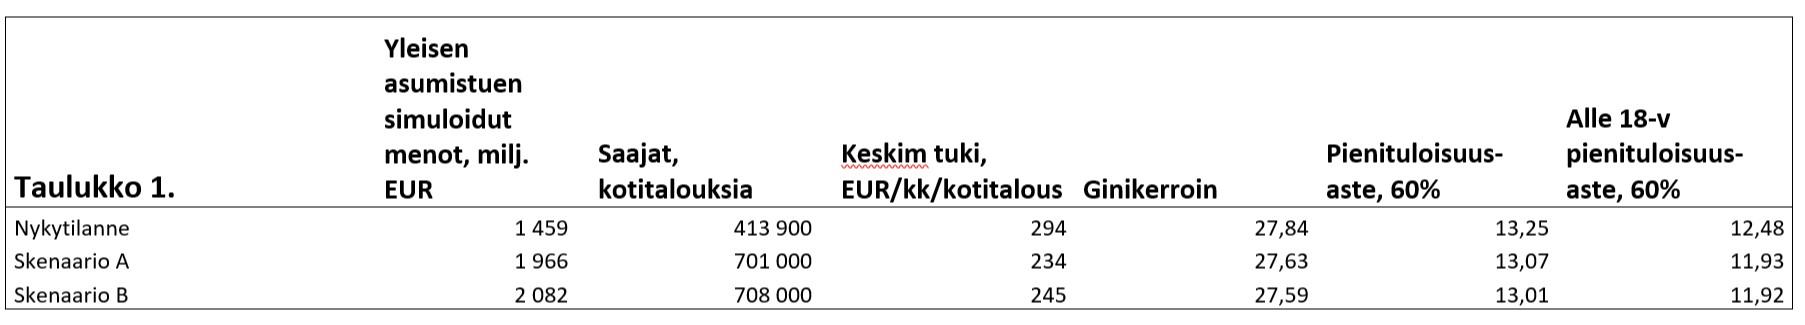 Taulukossa 1 on esitetty skenaarioiden simuloidut kustannus- ja tulonjakovaikutukset. Asumistuen yksilöllistäminen kasvattaa odotetusti asumistukimenoja. Nykytilanteen mukaiseen simulointiin verrattuna asumistukimenot kasvavat A-skenaariossa 507 miljoonaa euroa eli 35 % ja B-skenaariossa 623 miljoonaa euroa eli 4 3%. Asumistukea saavien kotitalouksien lukumäärä kasvaa menoja voimakkaammin. Kummassakin skenaariossa asumistukea saavien kotitalouksien lukumäärä kasvaa noin 290 000 kotitaloudella. Näiden muutosten seurauksena keskimääräinen asumistuki pienenee. Muutos on suurempi skenaariossa A, jossa enimmäisasumismenot ovat alhaisemmat.